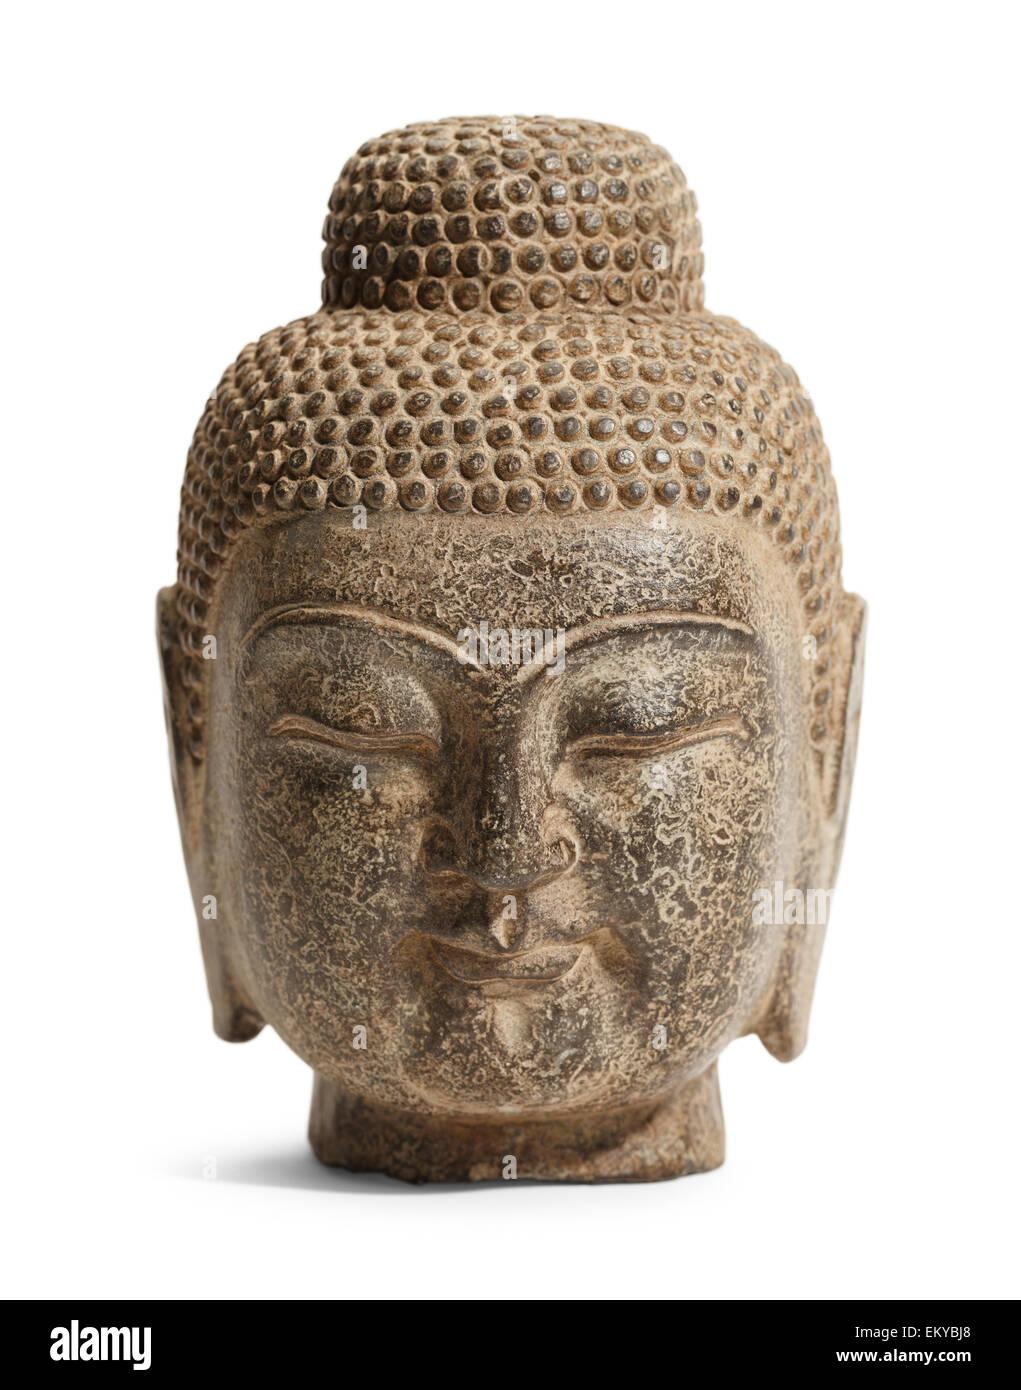 Large Stone Buddha Head Isolated on White Background. - Stock Image